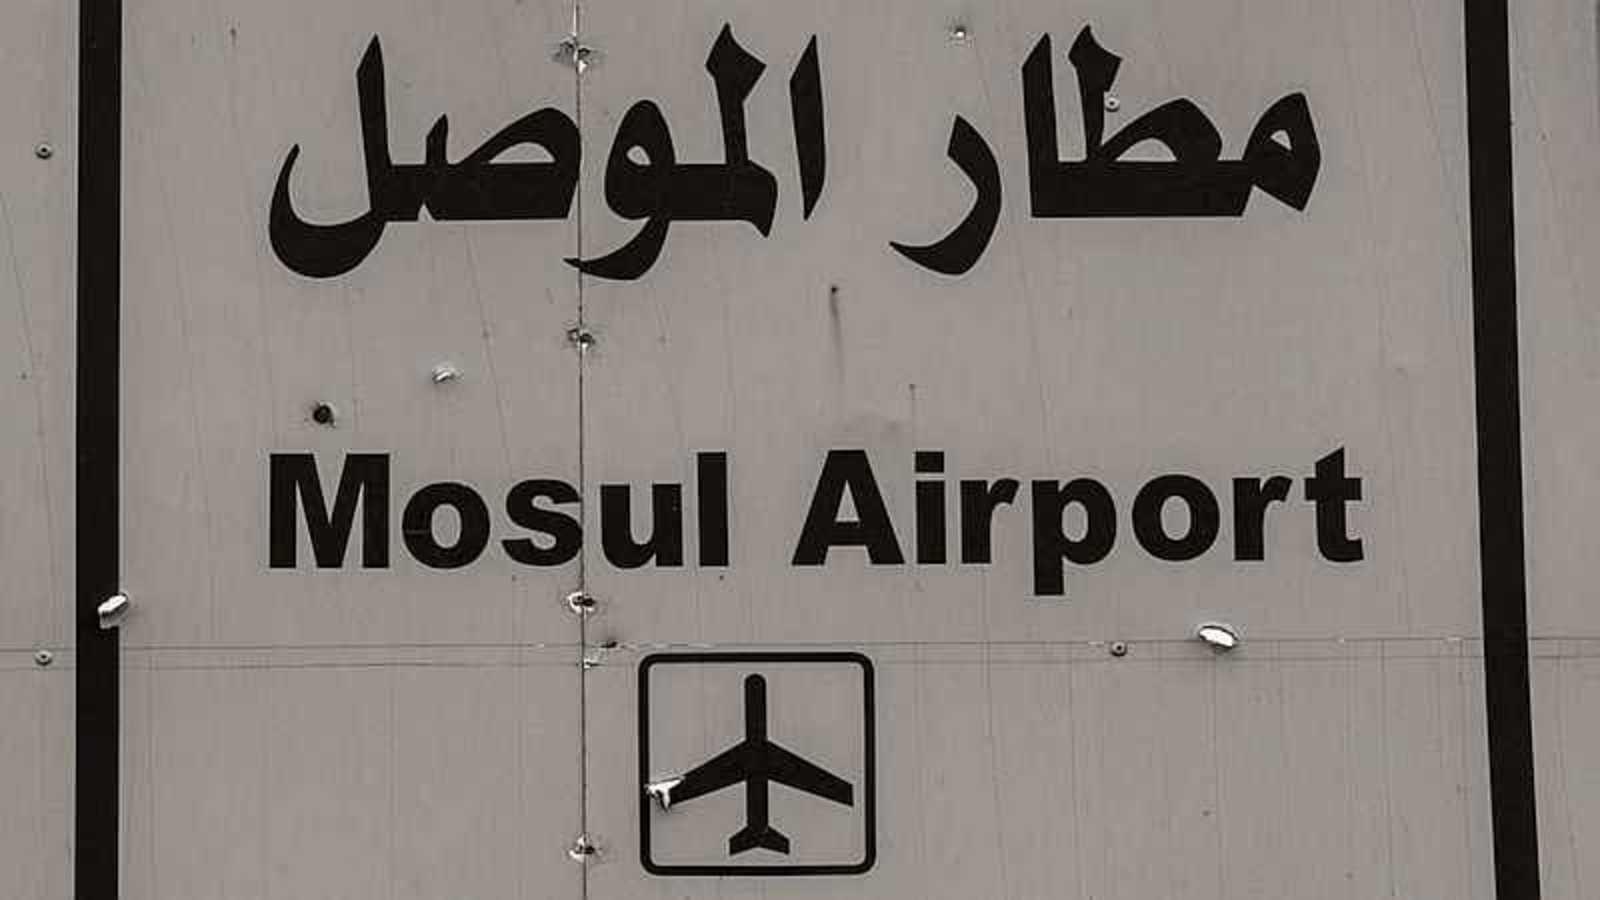 Η Γαλλία κέρδισε μεγάλο κατασκευαστικό έργο στο Ιράκ εις βάρος της Τουρκίας